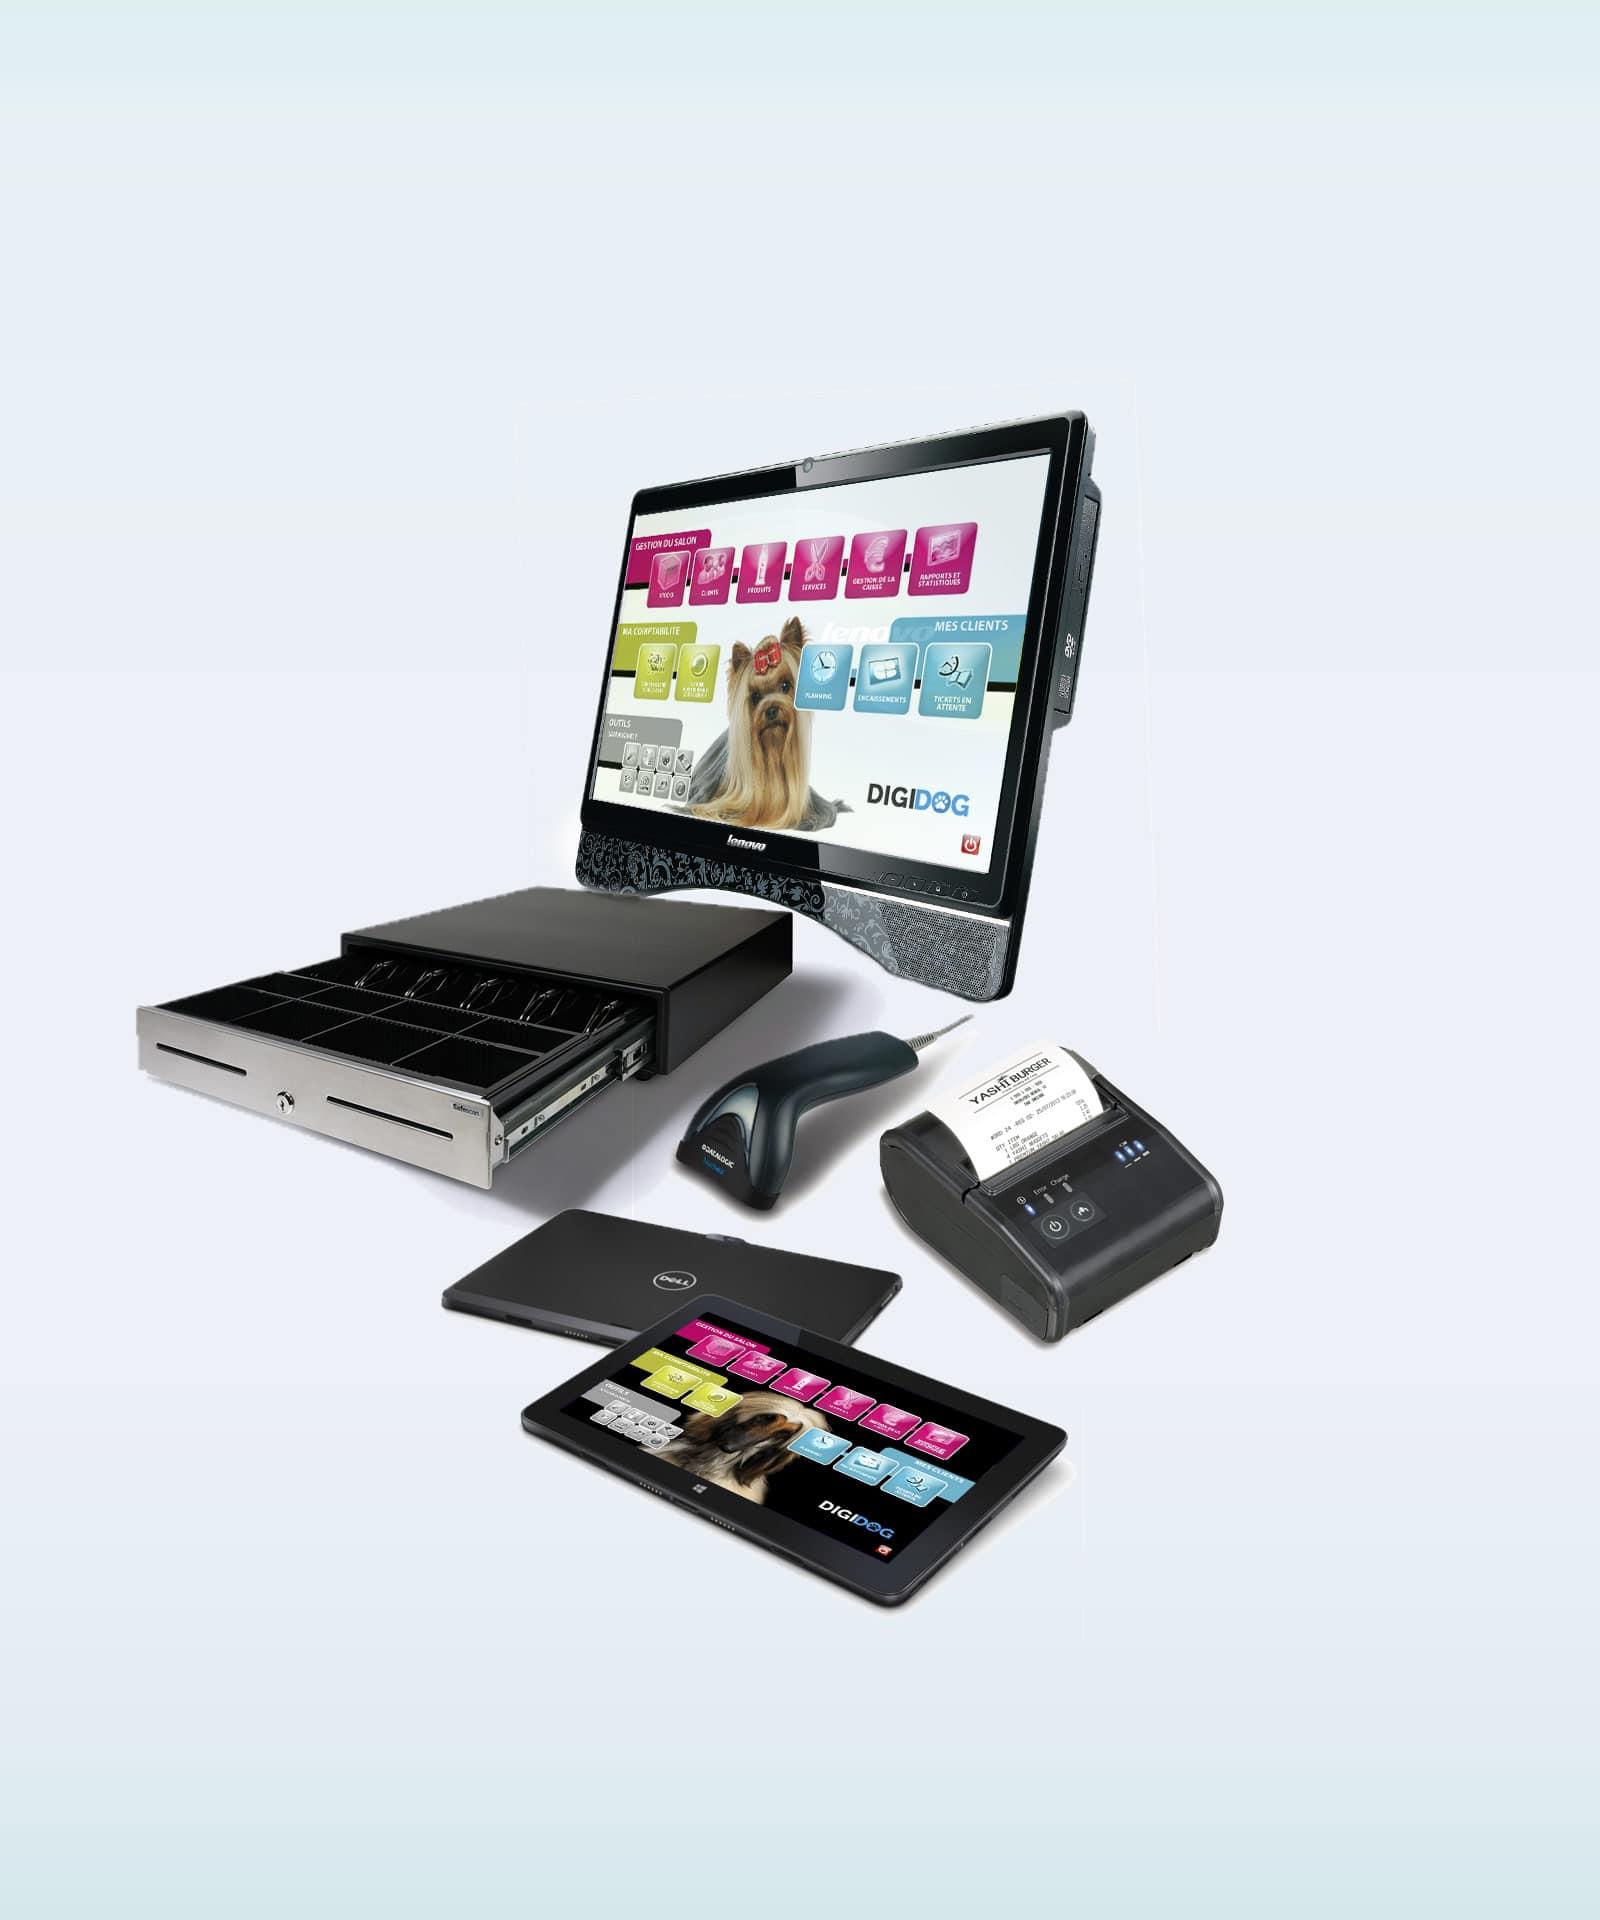 matériel informatique pour les professionnels et les salons de toilettage canin